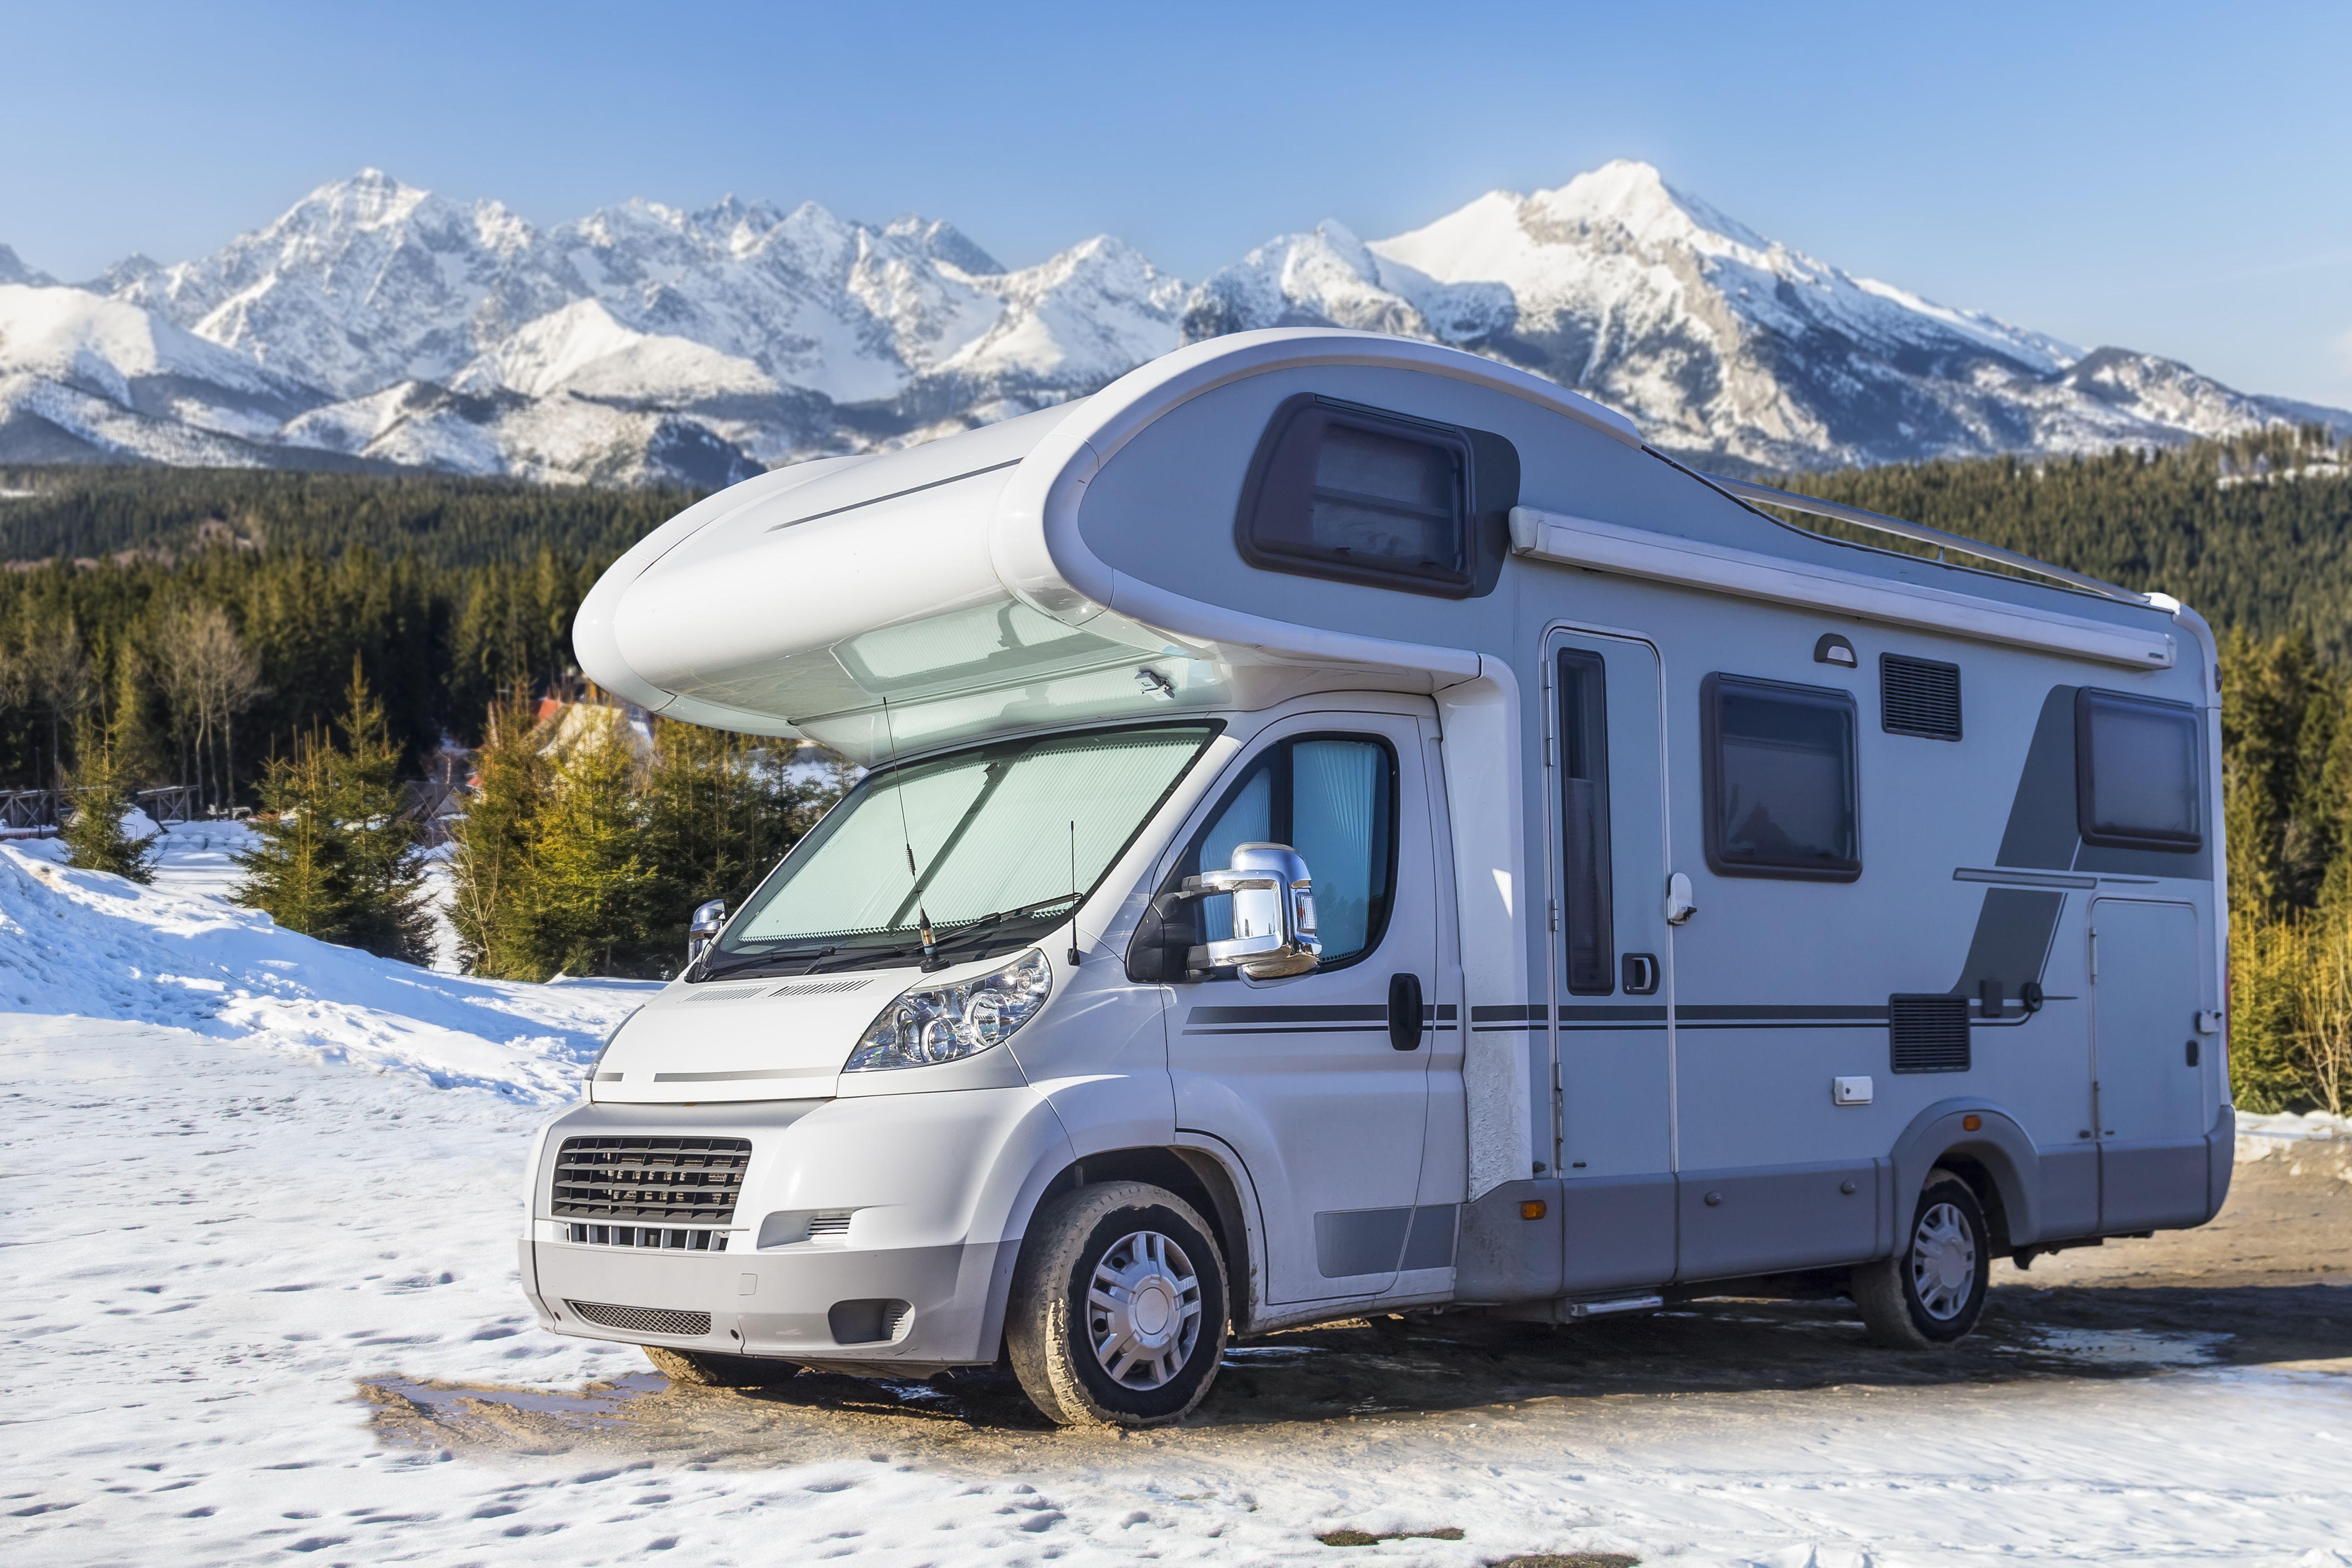 Taller para caravanas, autocaravanas y furgonetas camper: Servicios de SMV Camper